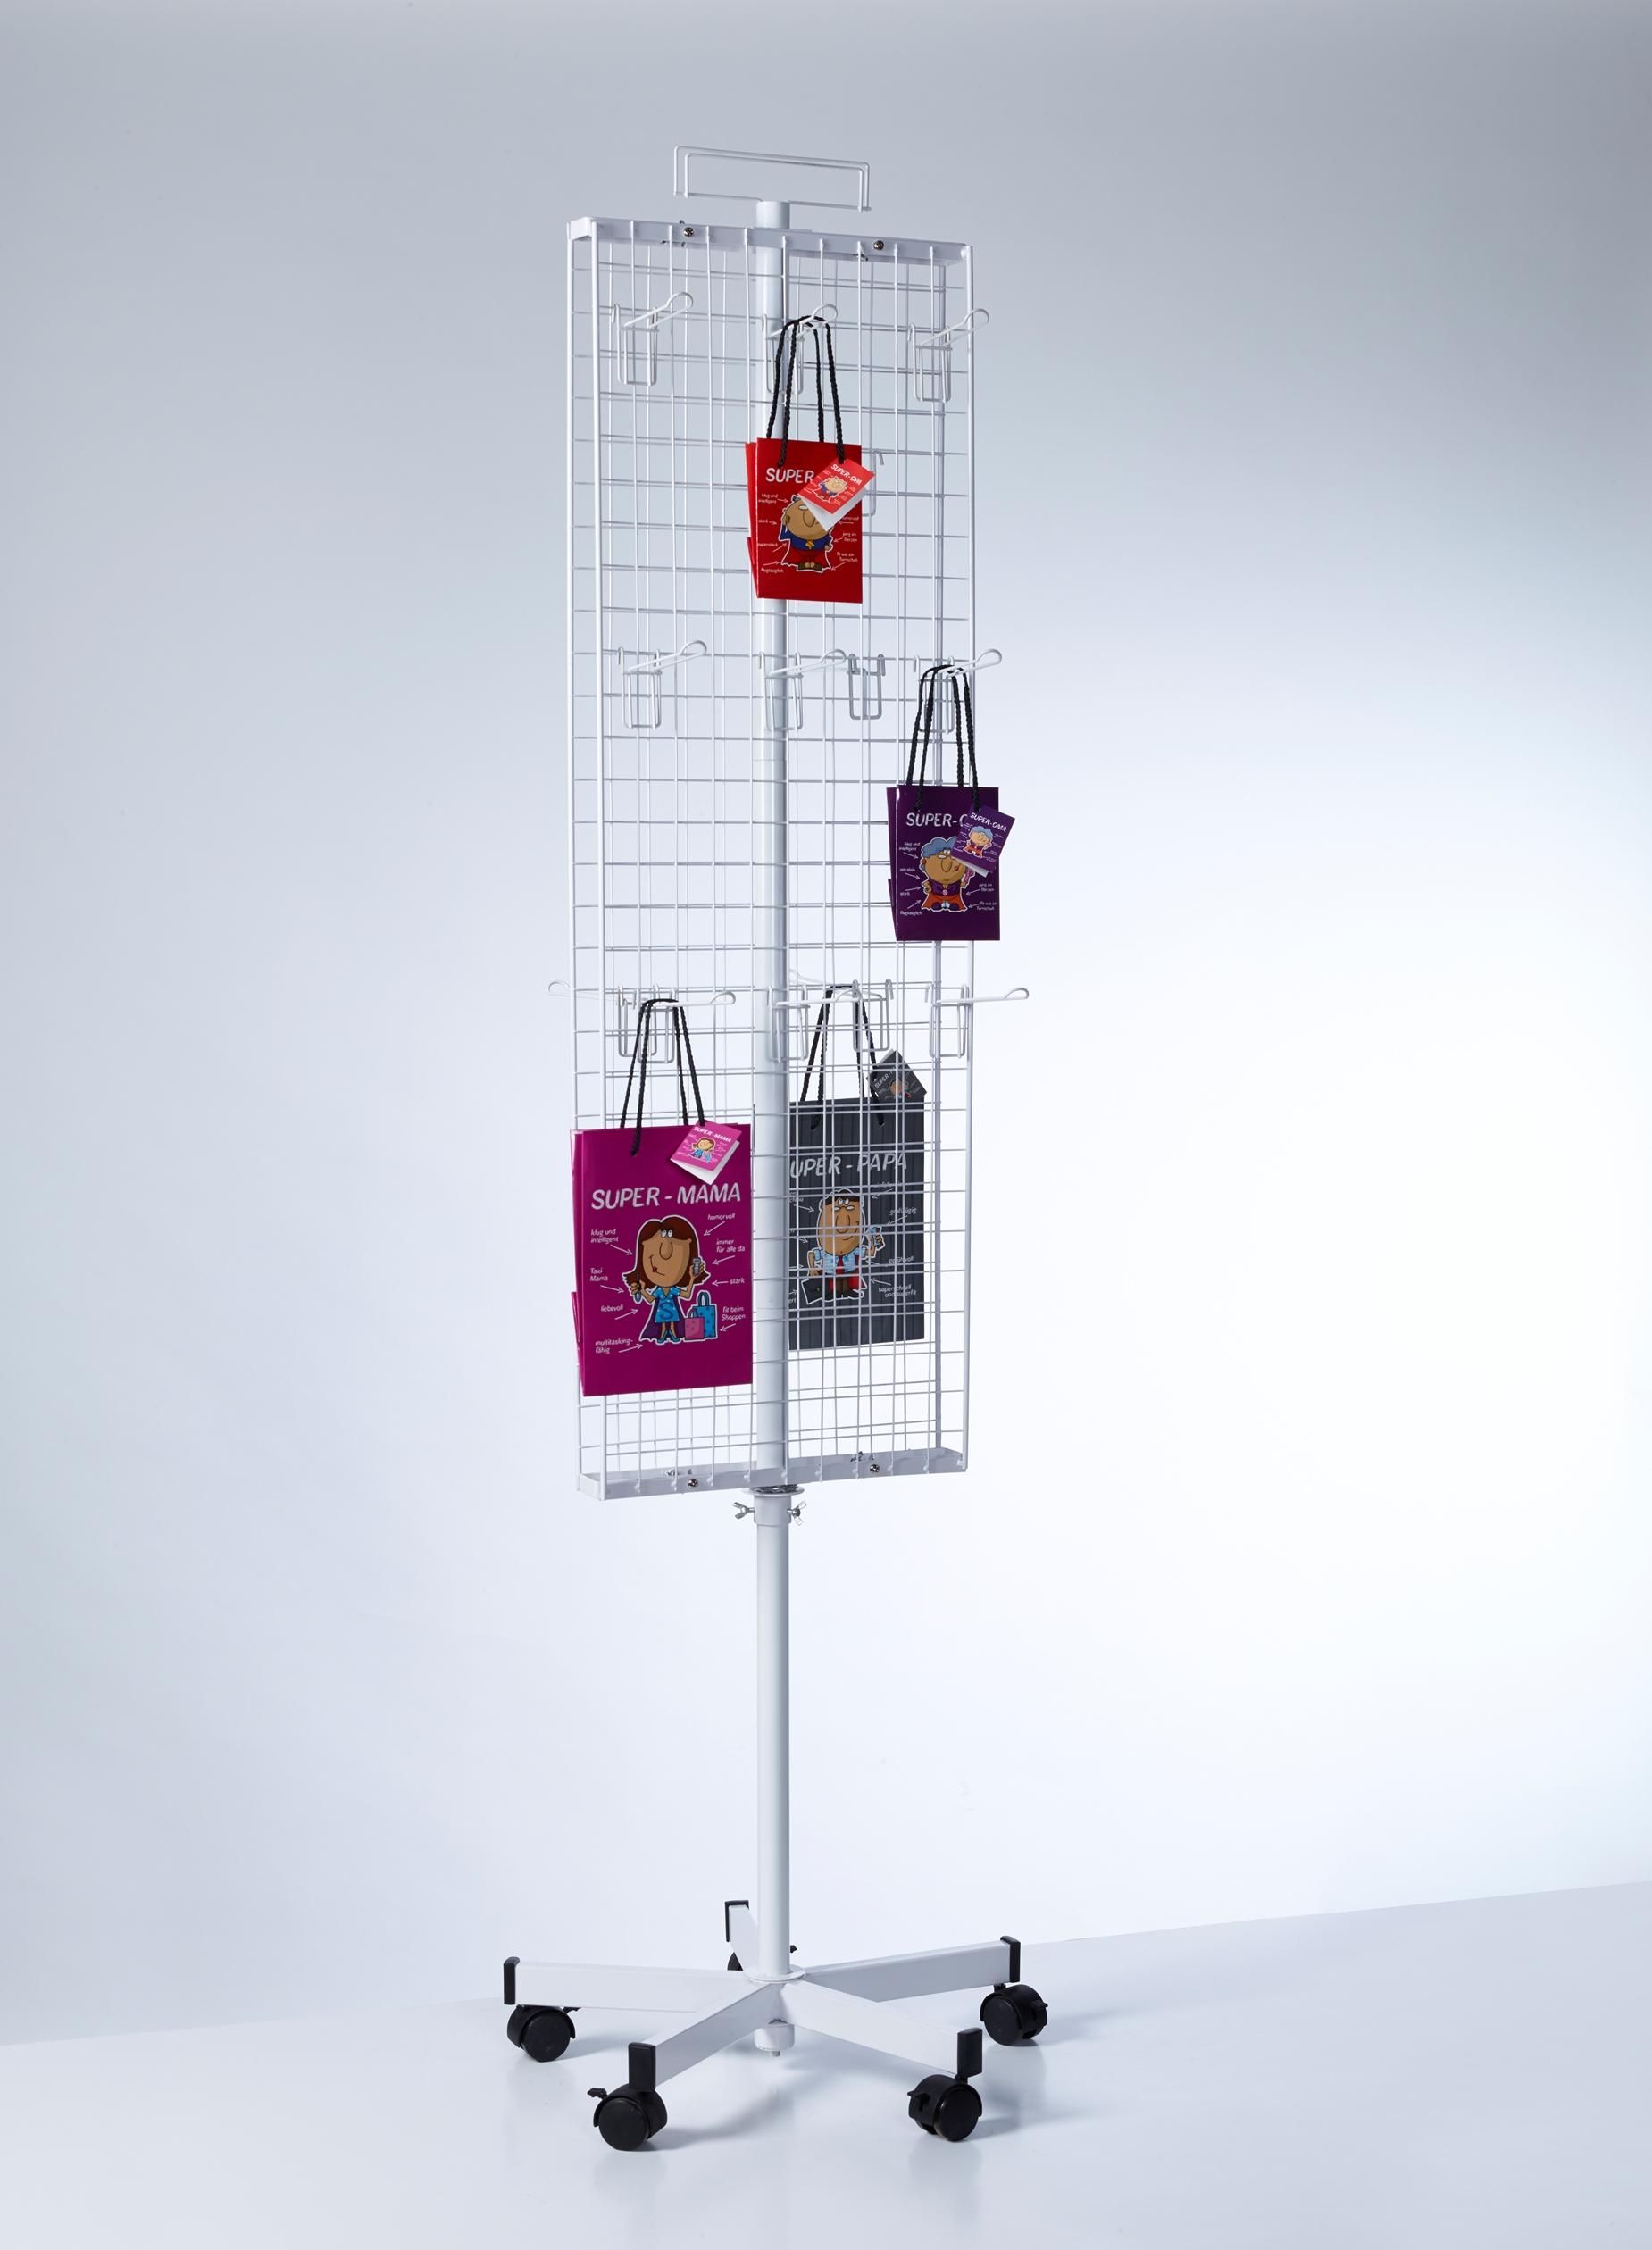 PW010-Buyck Displays-MOLEN MET NET-STRUCTUUR IN METAAL VOOR LOSSE HAKEN